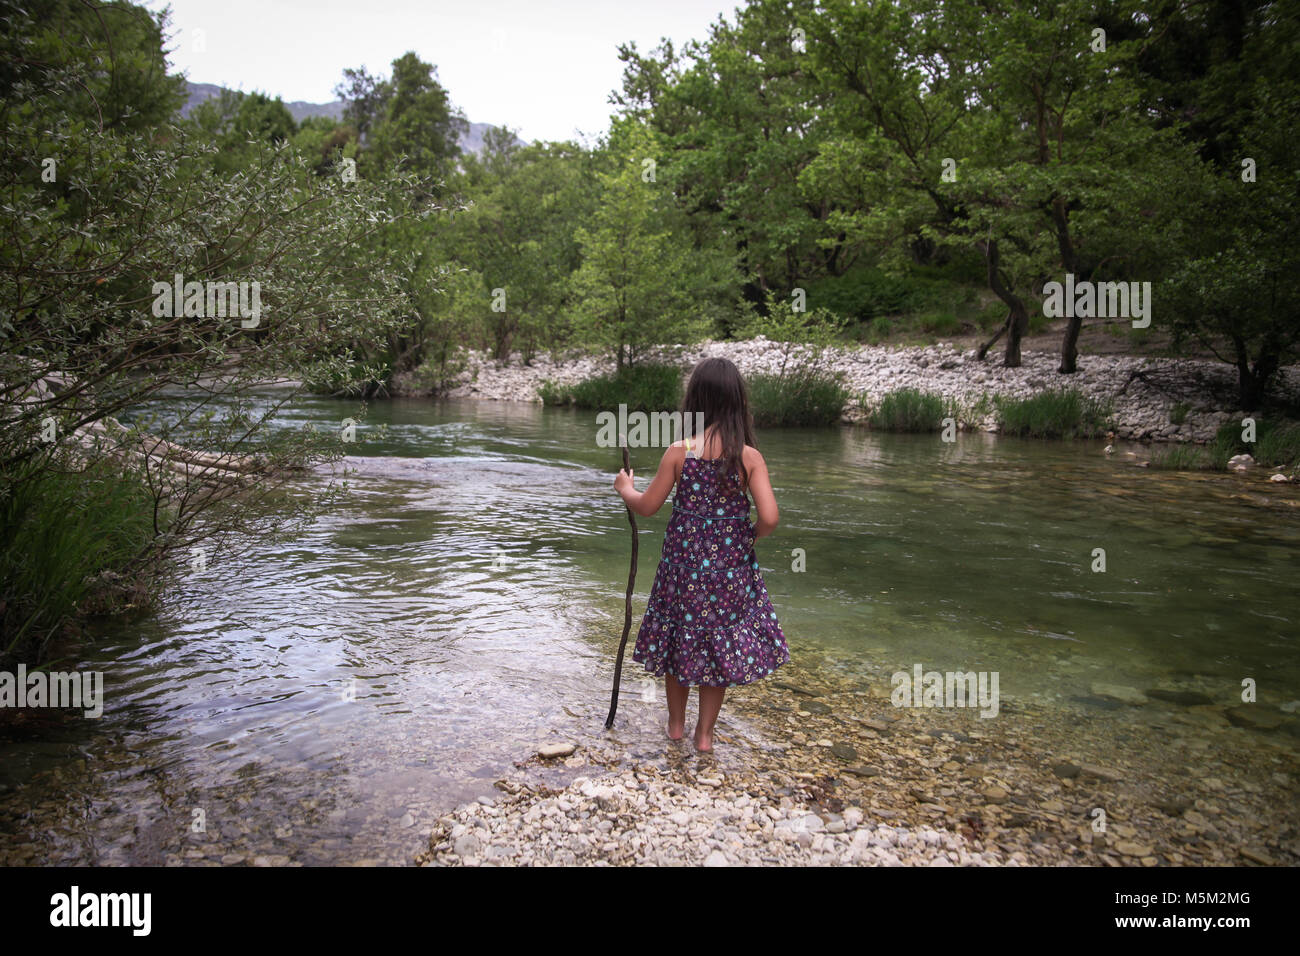 Ein kleines Mädchen mit einem Lila gepunkteten Kleid, mit einem Stick ist zu Fuß in den Fluss Acheron, Stockbild